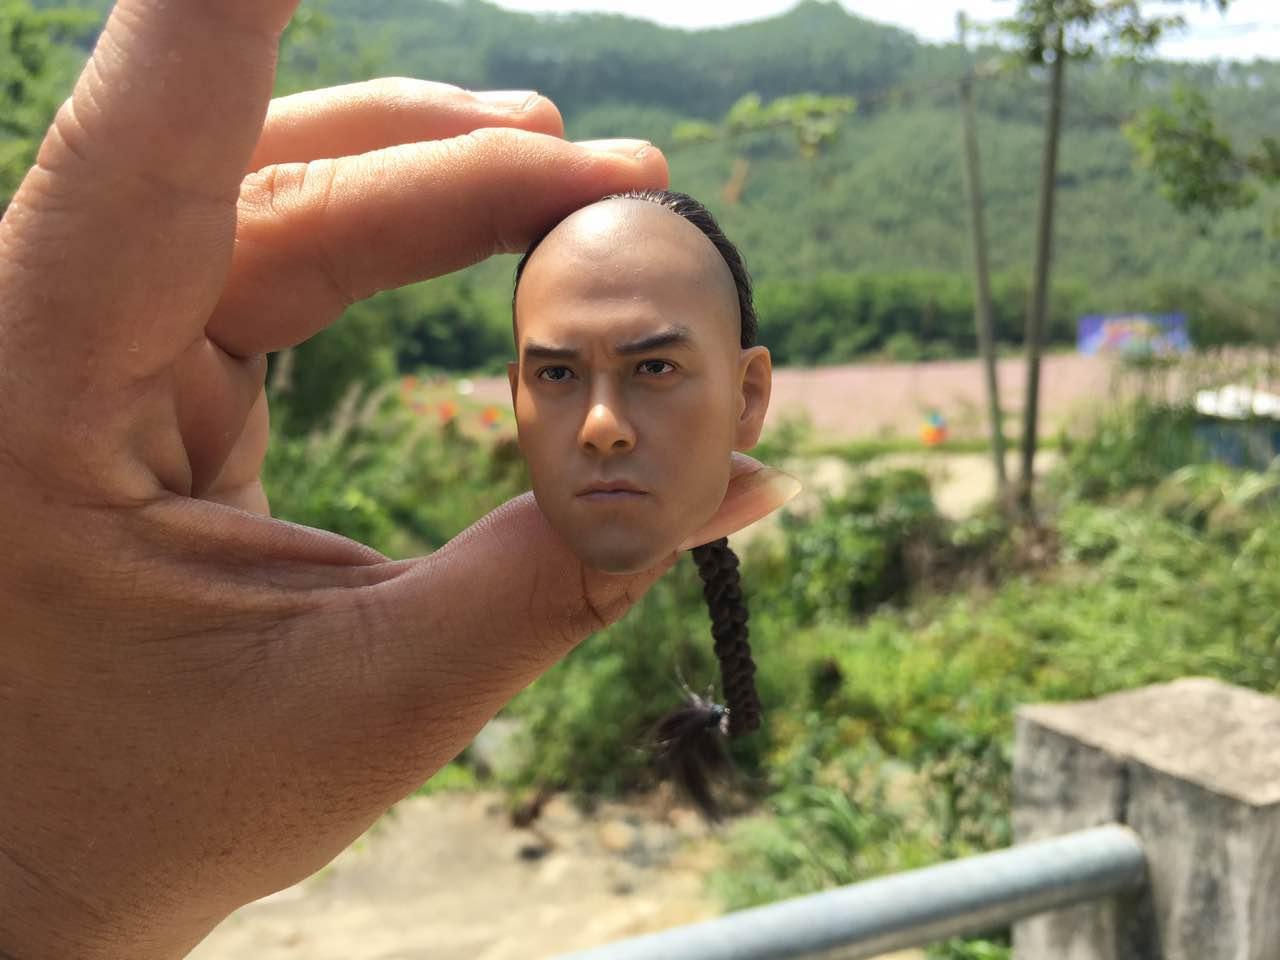 Huang Feihong has a dream hero Eddie Peng version of Huang Feihong hair version of soldiers who model doll head spot рекламный стенд hehe huang bamboo a3